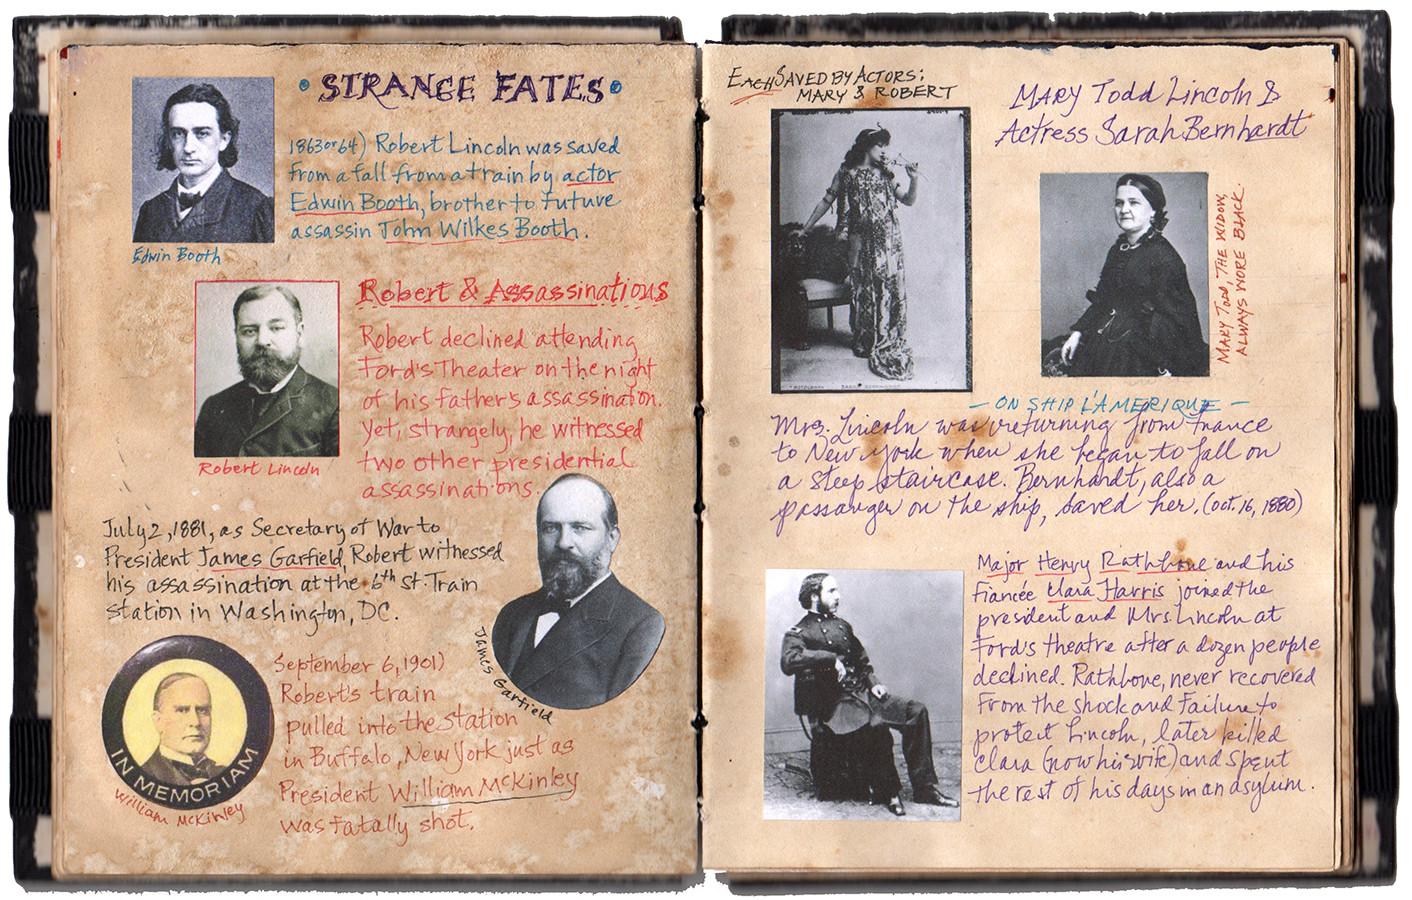 Strange Fates of Lincolns